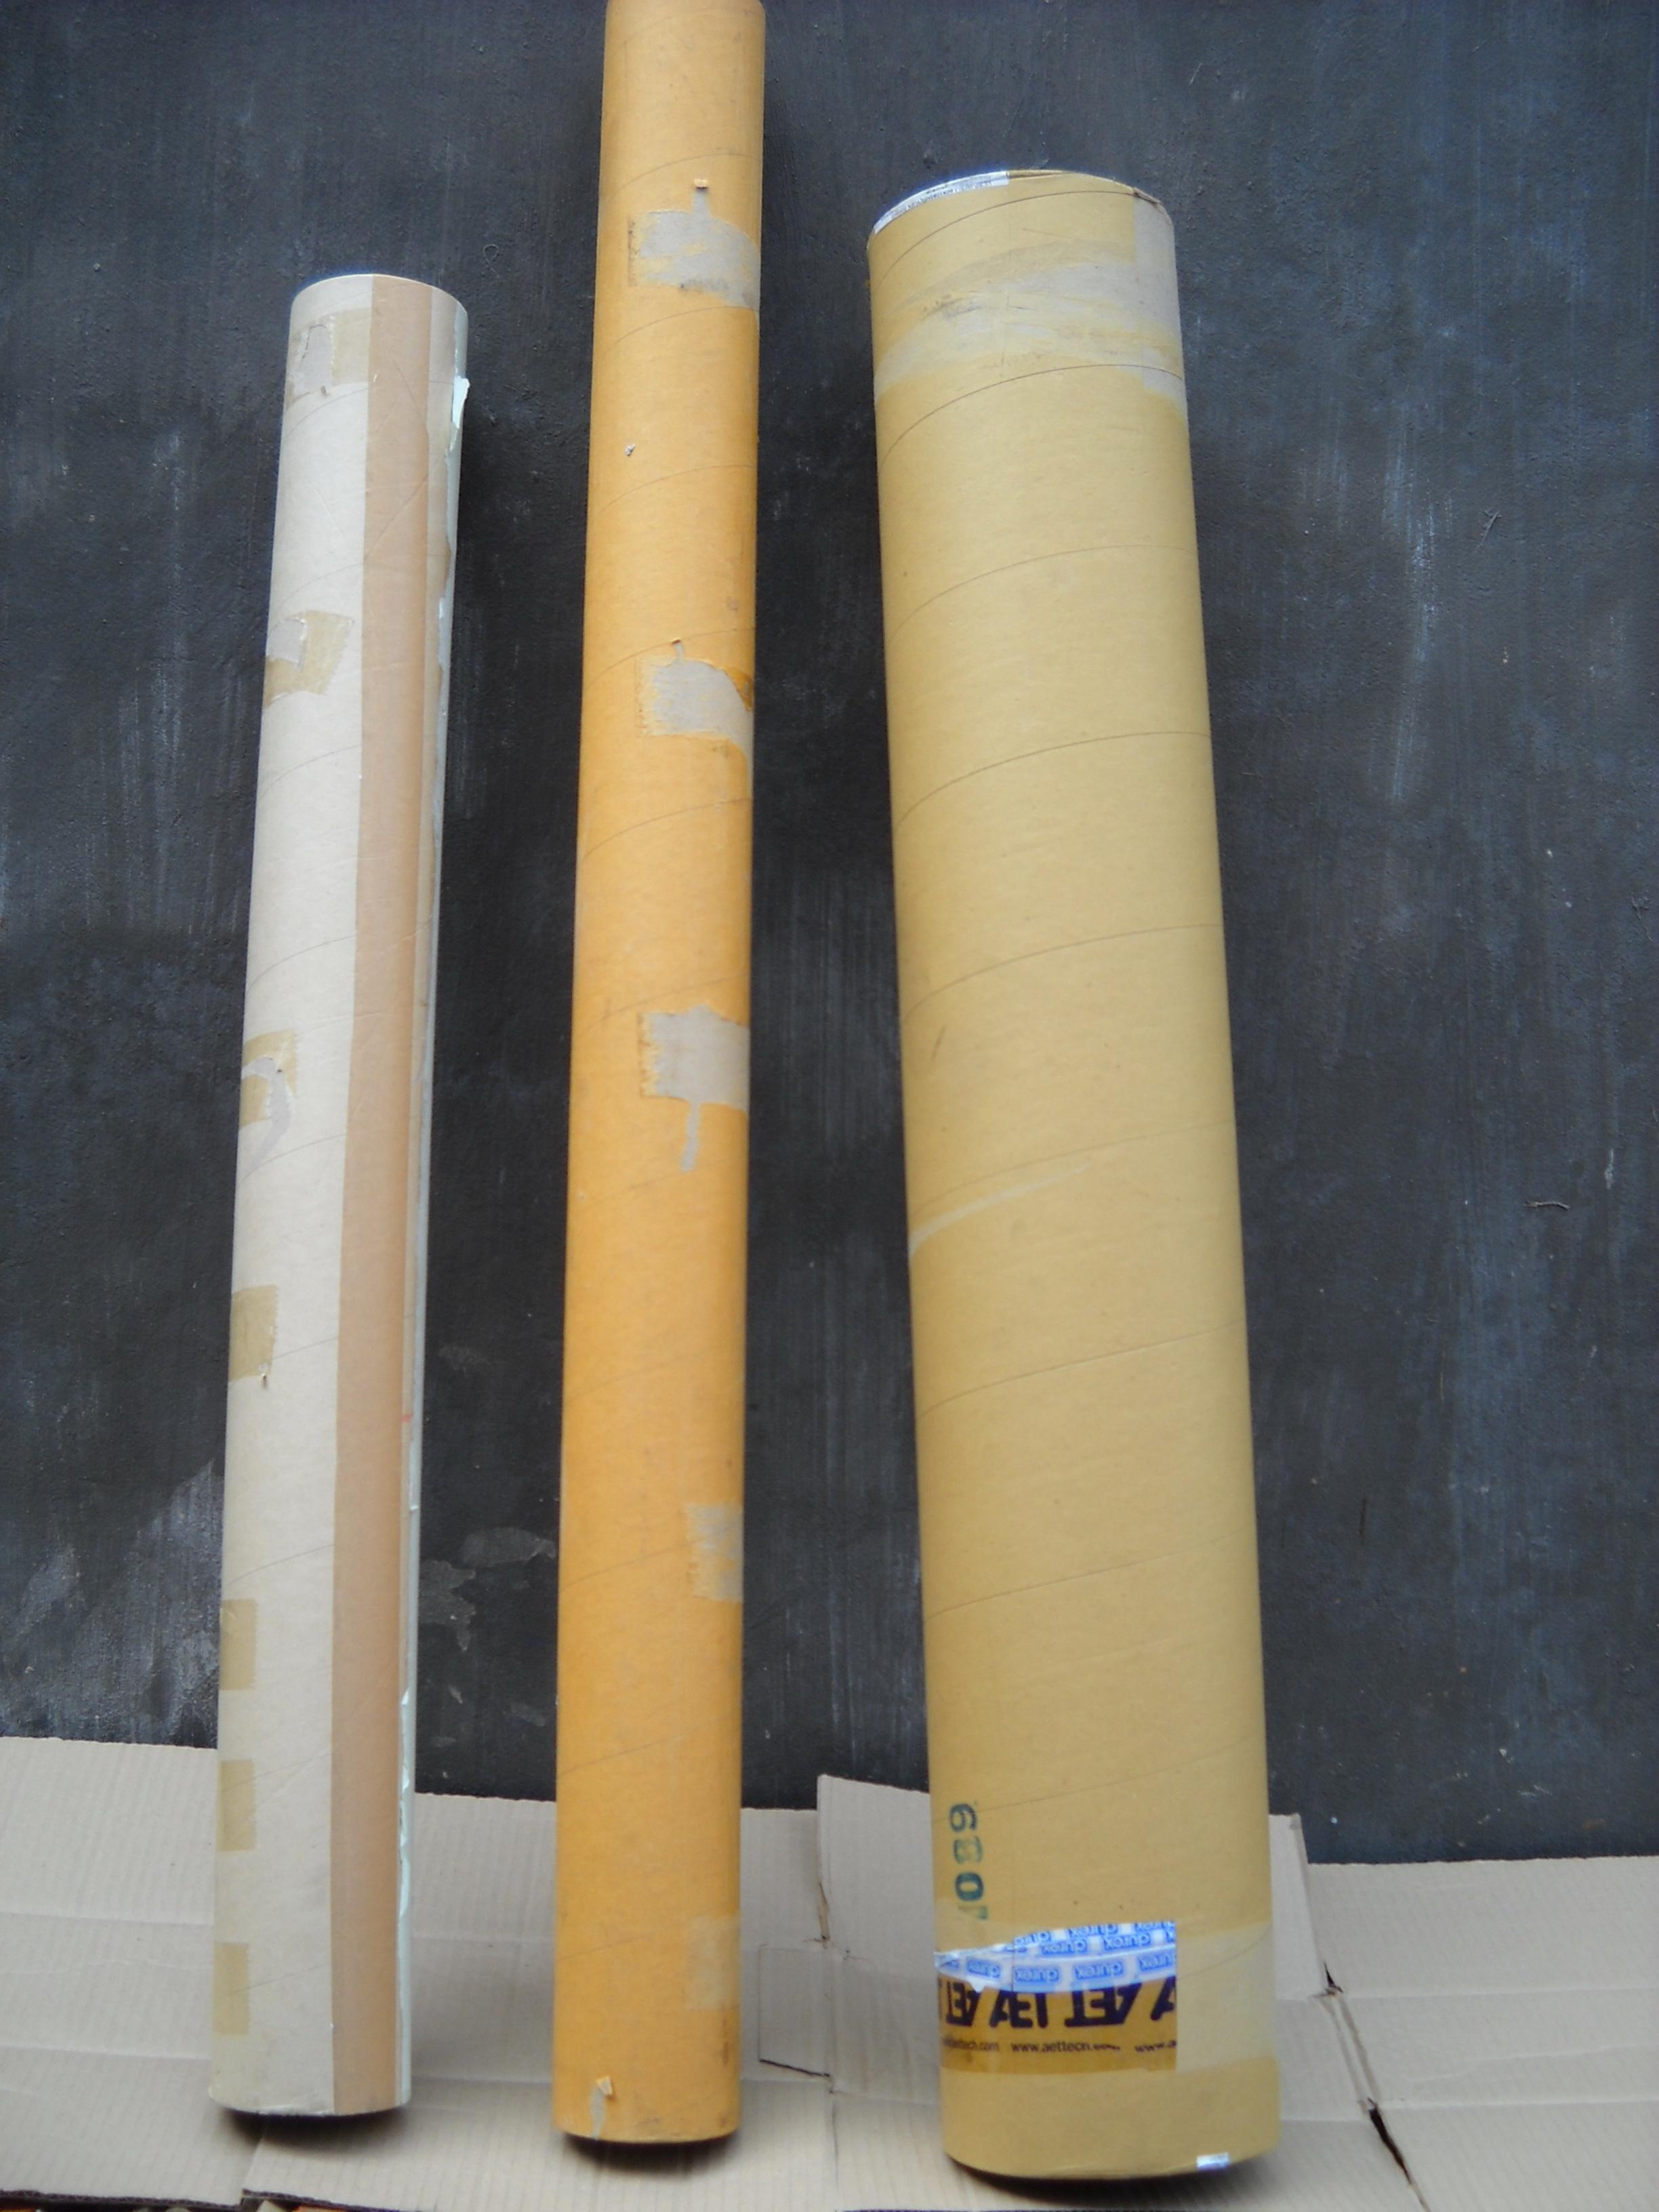 Ốn g giấy phế liệu